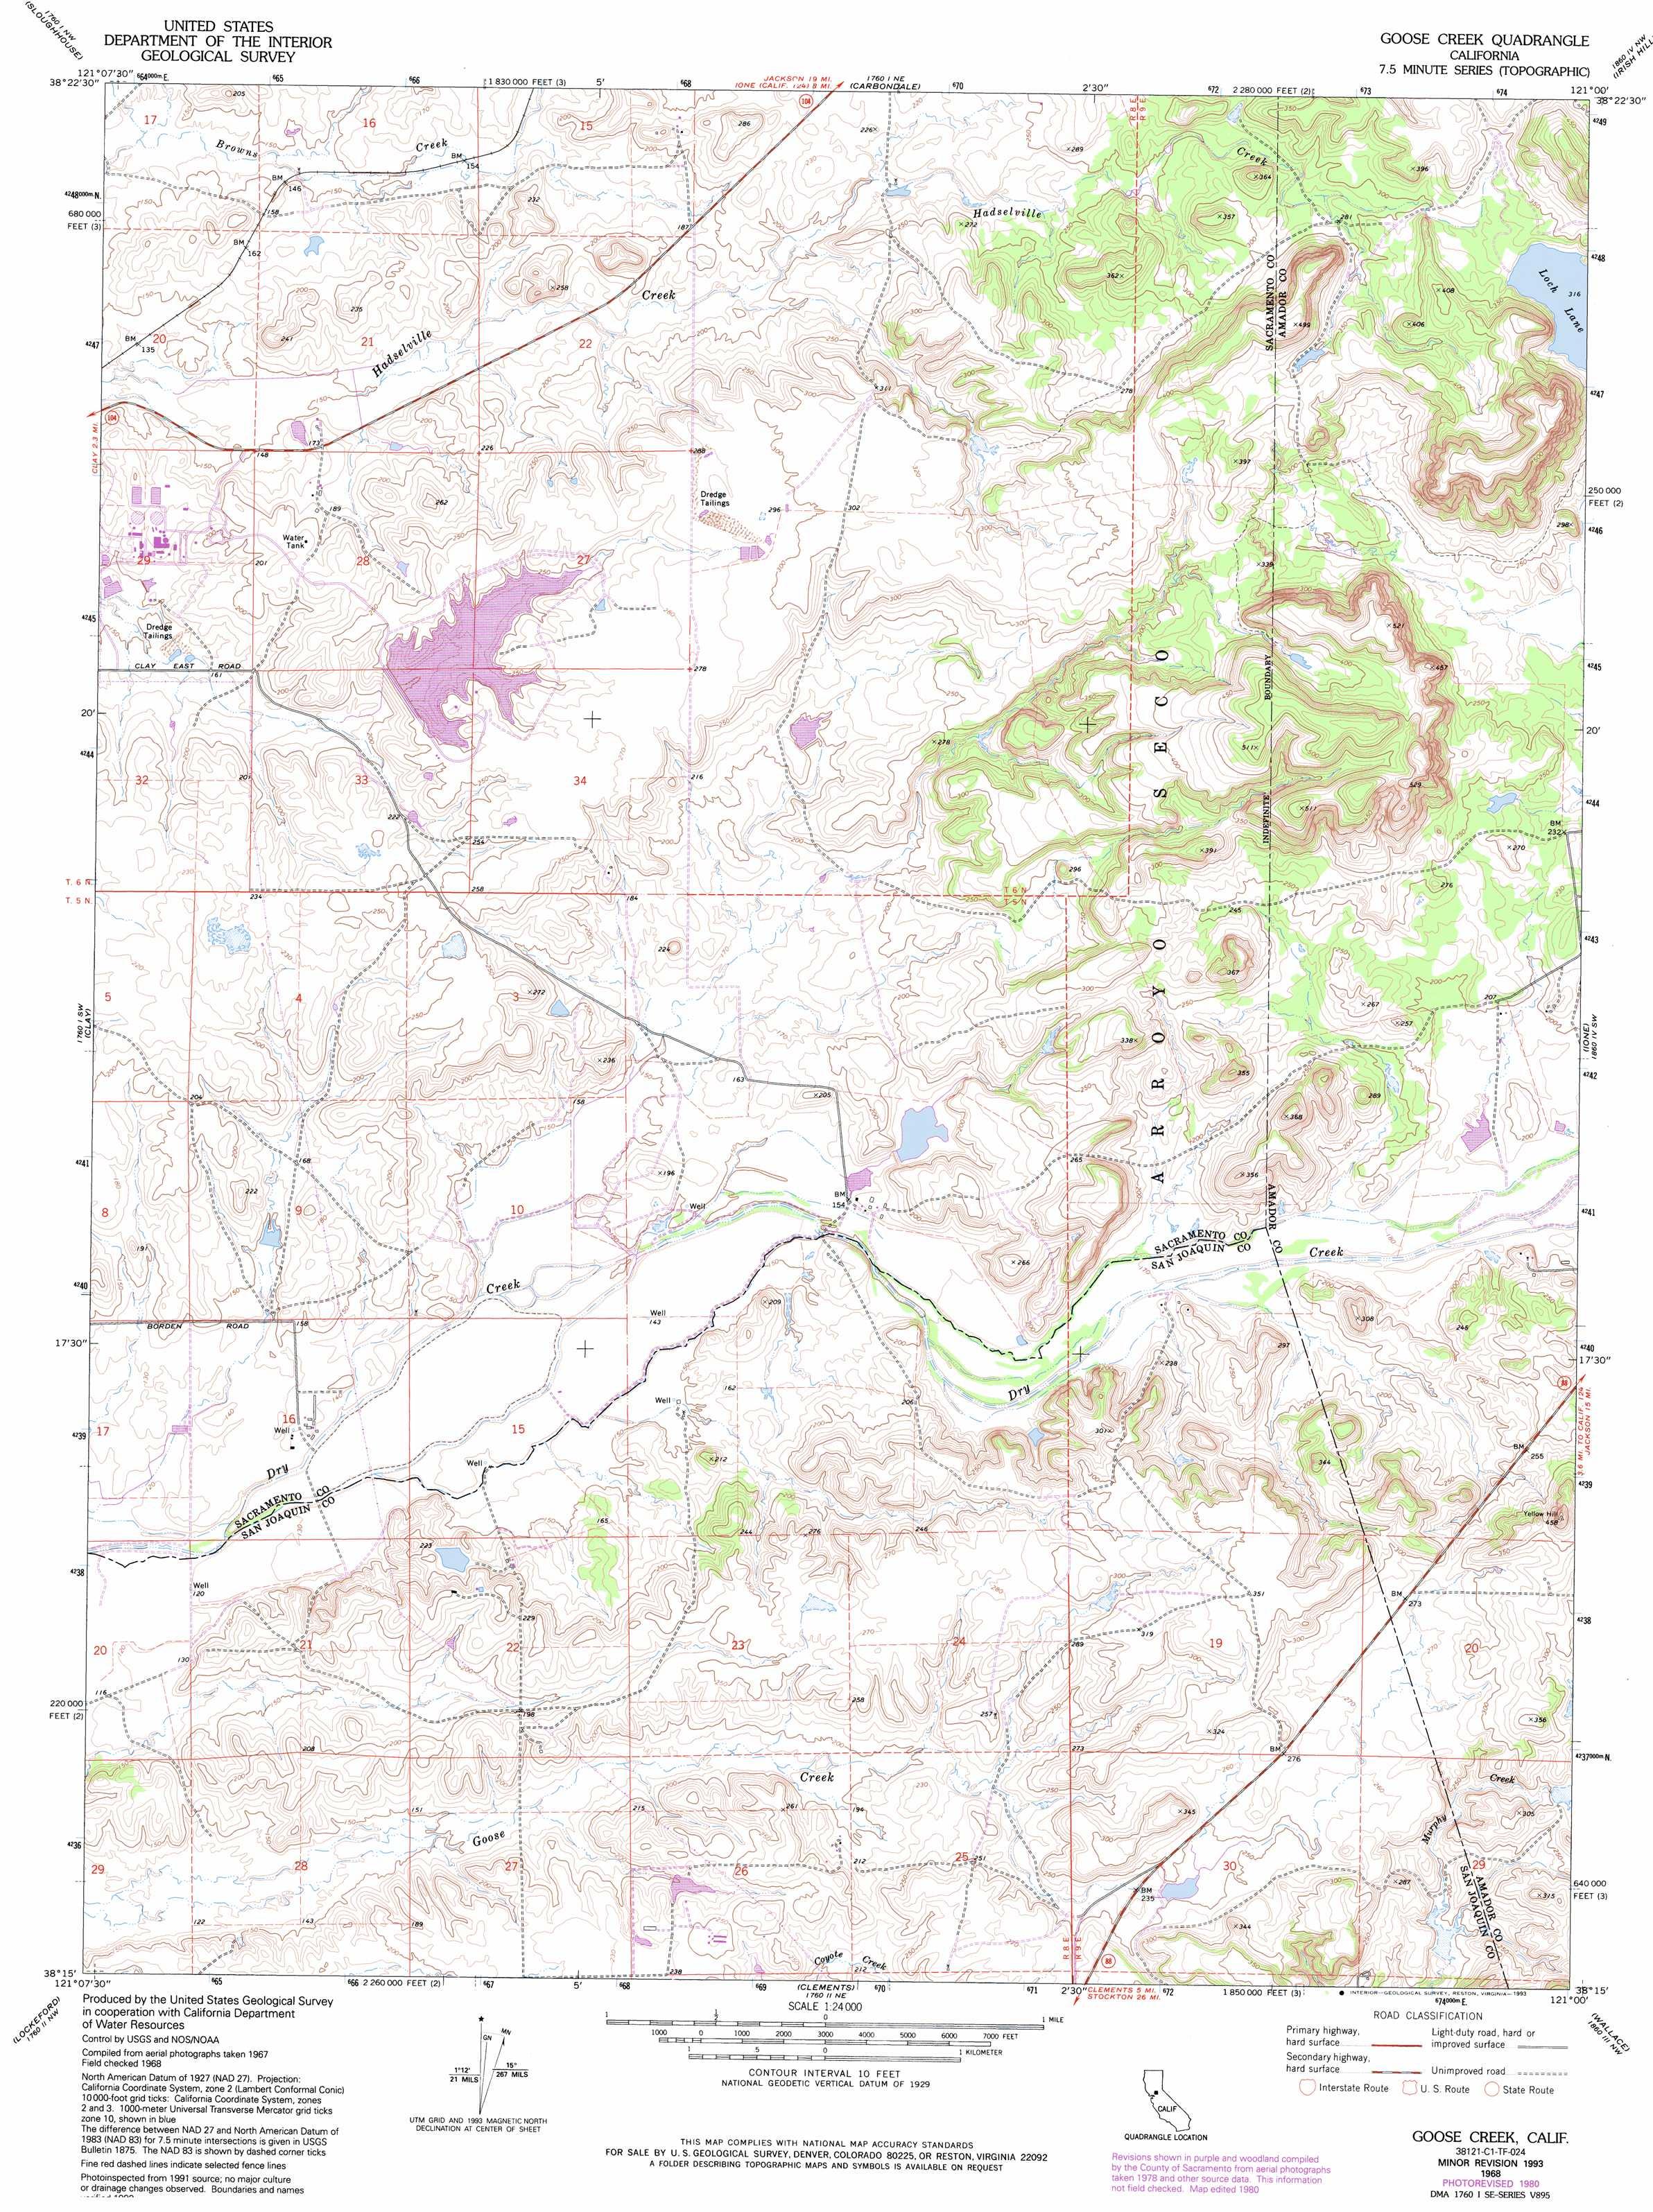 Goose Creek topographic map CA USGS Topo Quad 38121c1